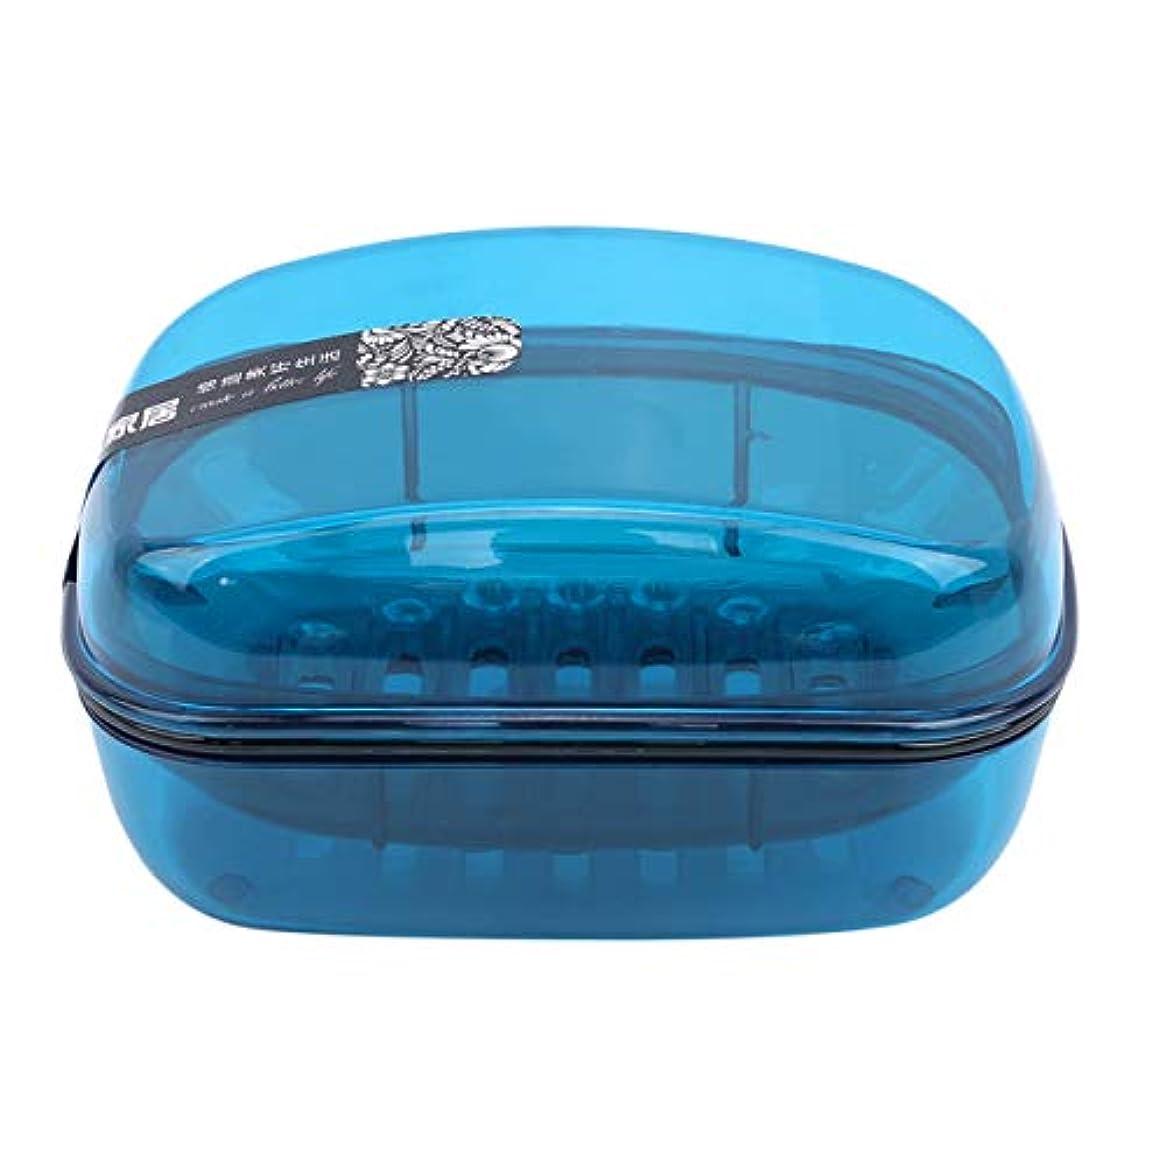 ウミウシ突然相談ZALING石鹸収納ボックス皿バスルームアクセサリーソープボックスケースホルダー付きカバーブルー